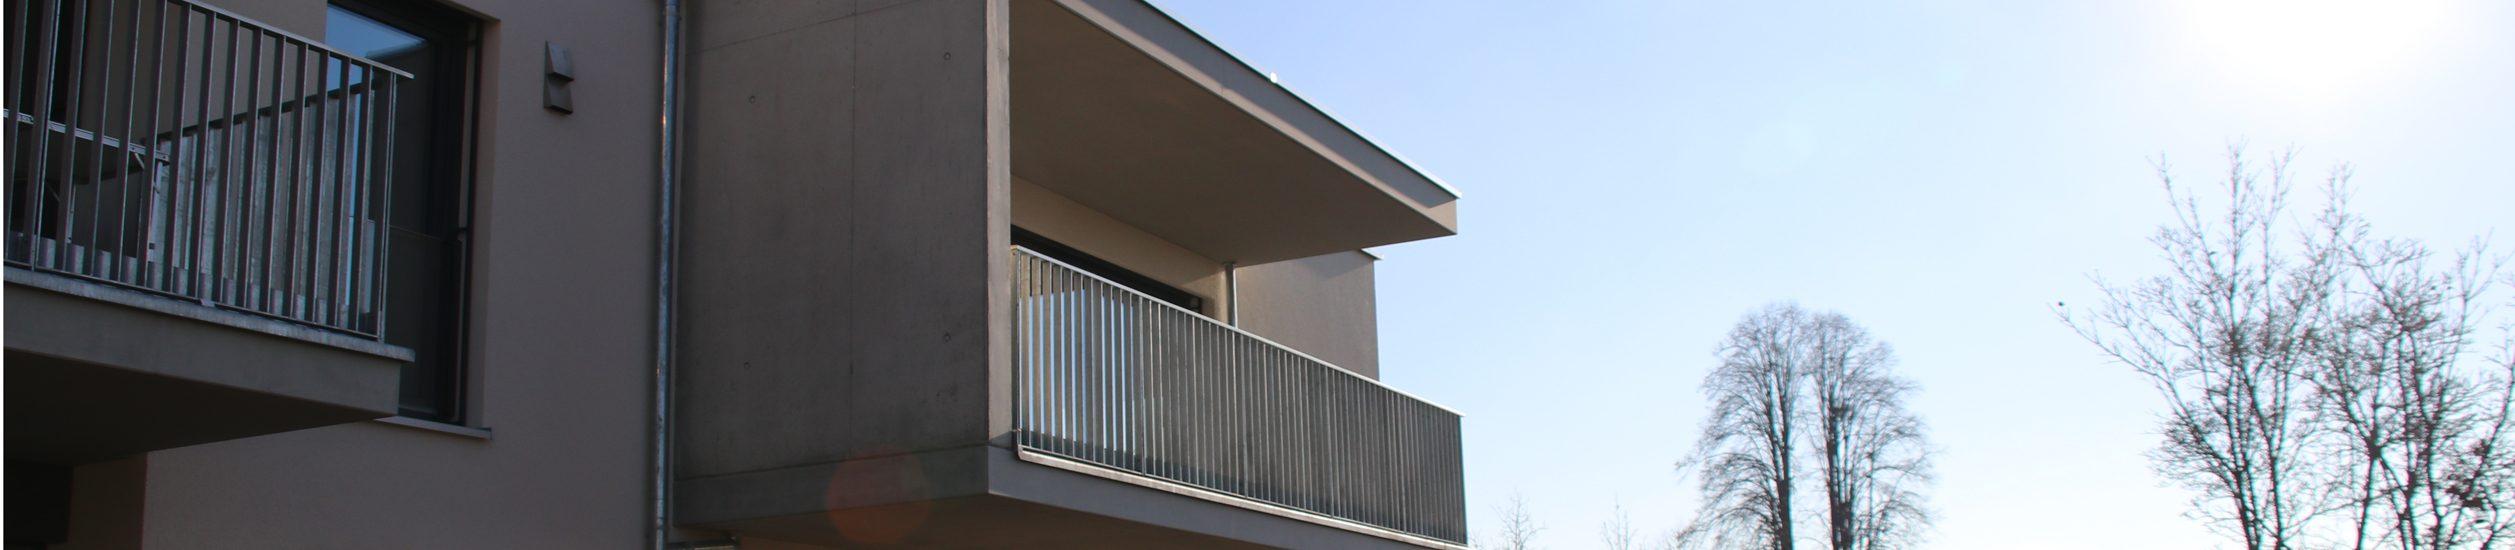 Neubau eines Wohngebäudes in Lindau-Hochbuch